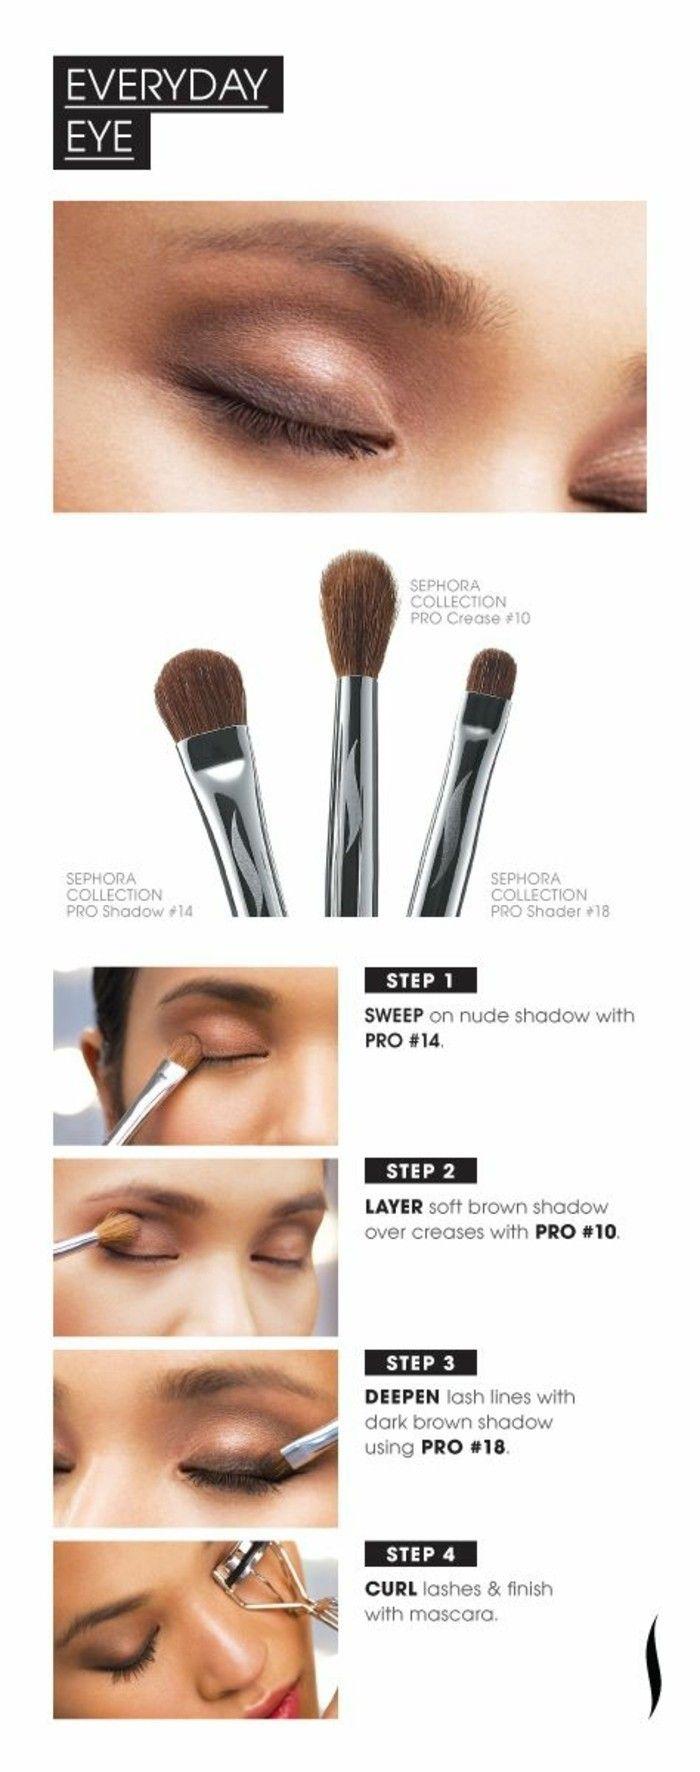 17 meilleures id es propos de maquillage des yeux noisette sur pinterest yeux noisette - Fard a paupiere yeux marrons ...